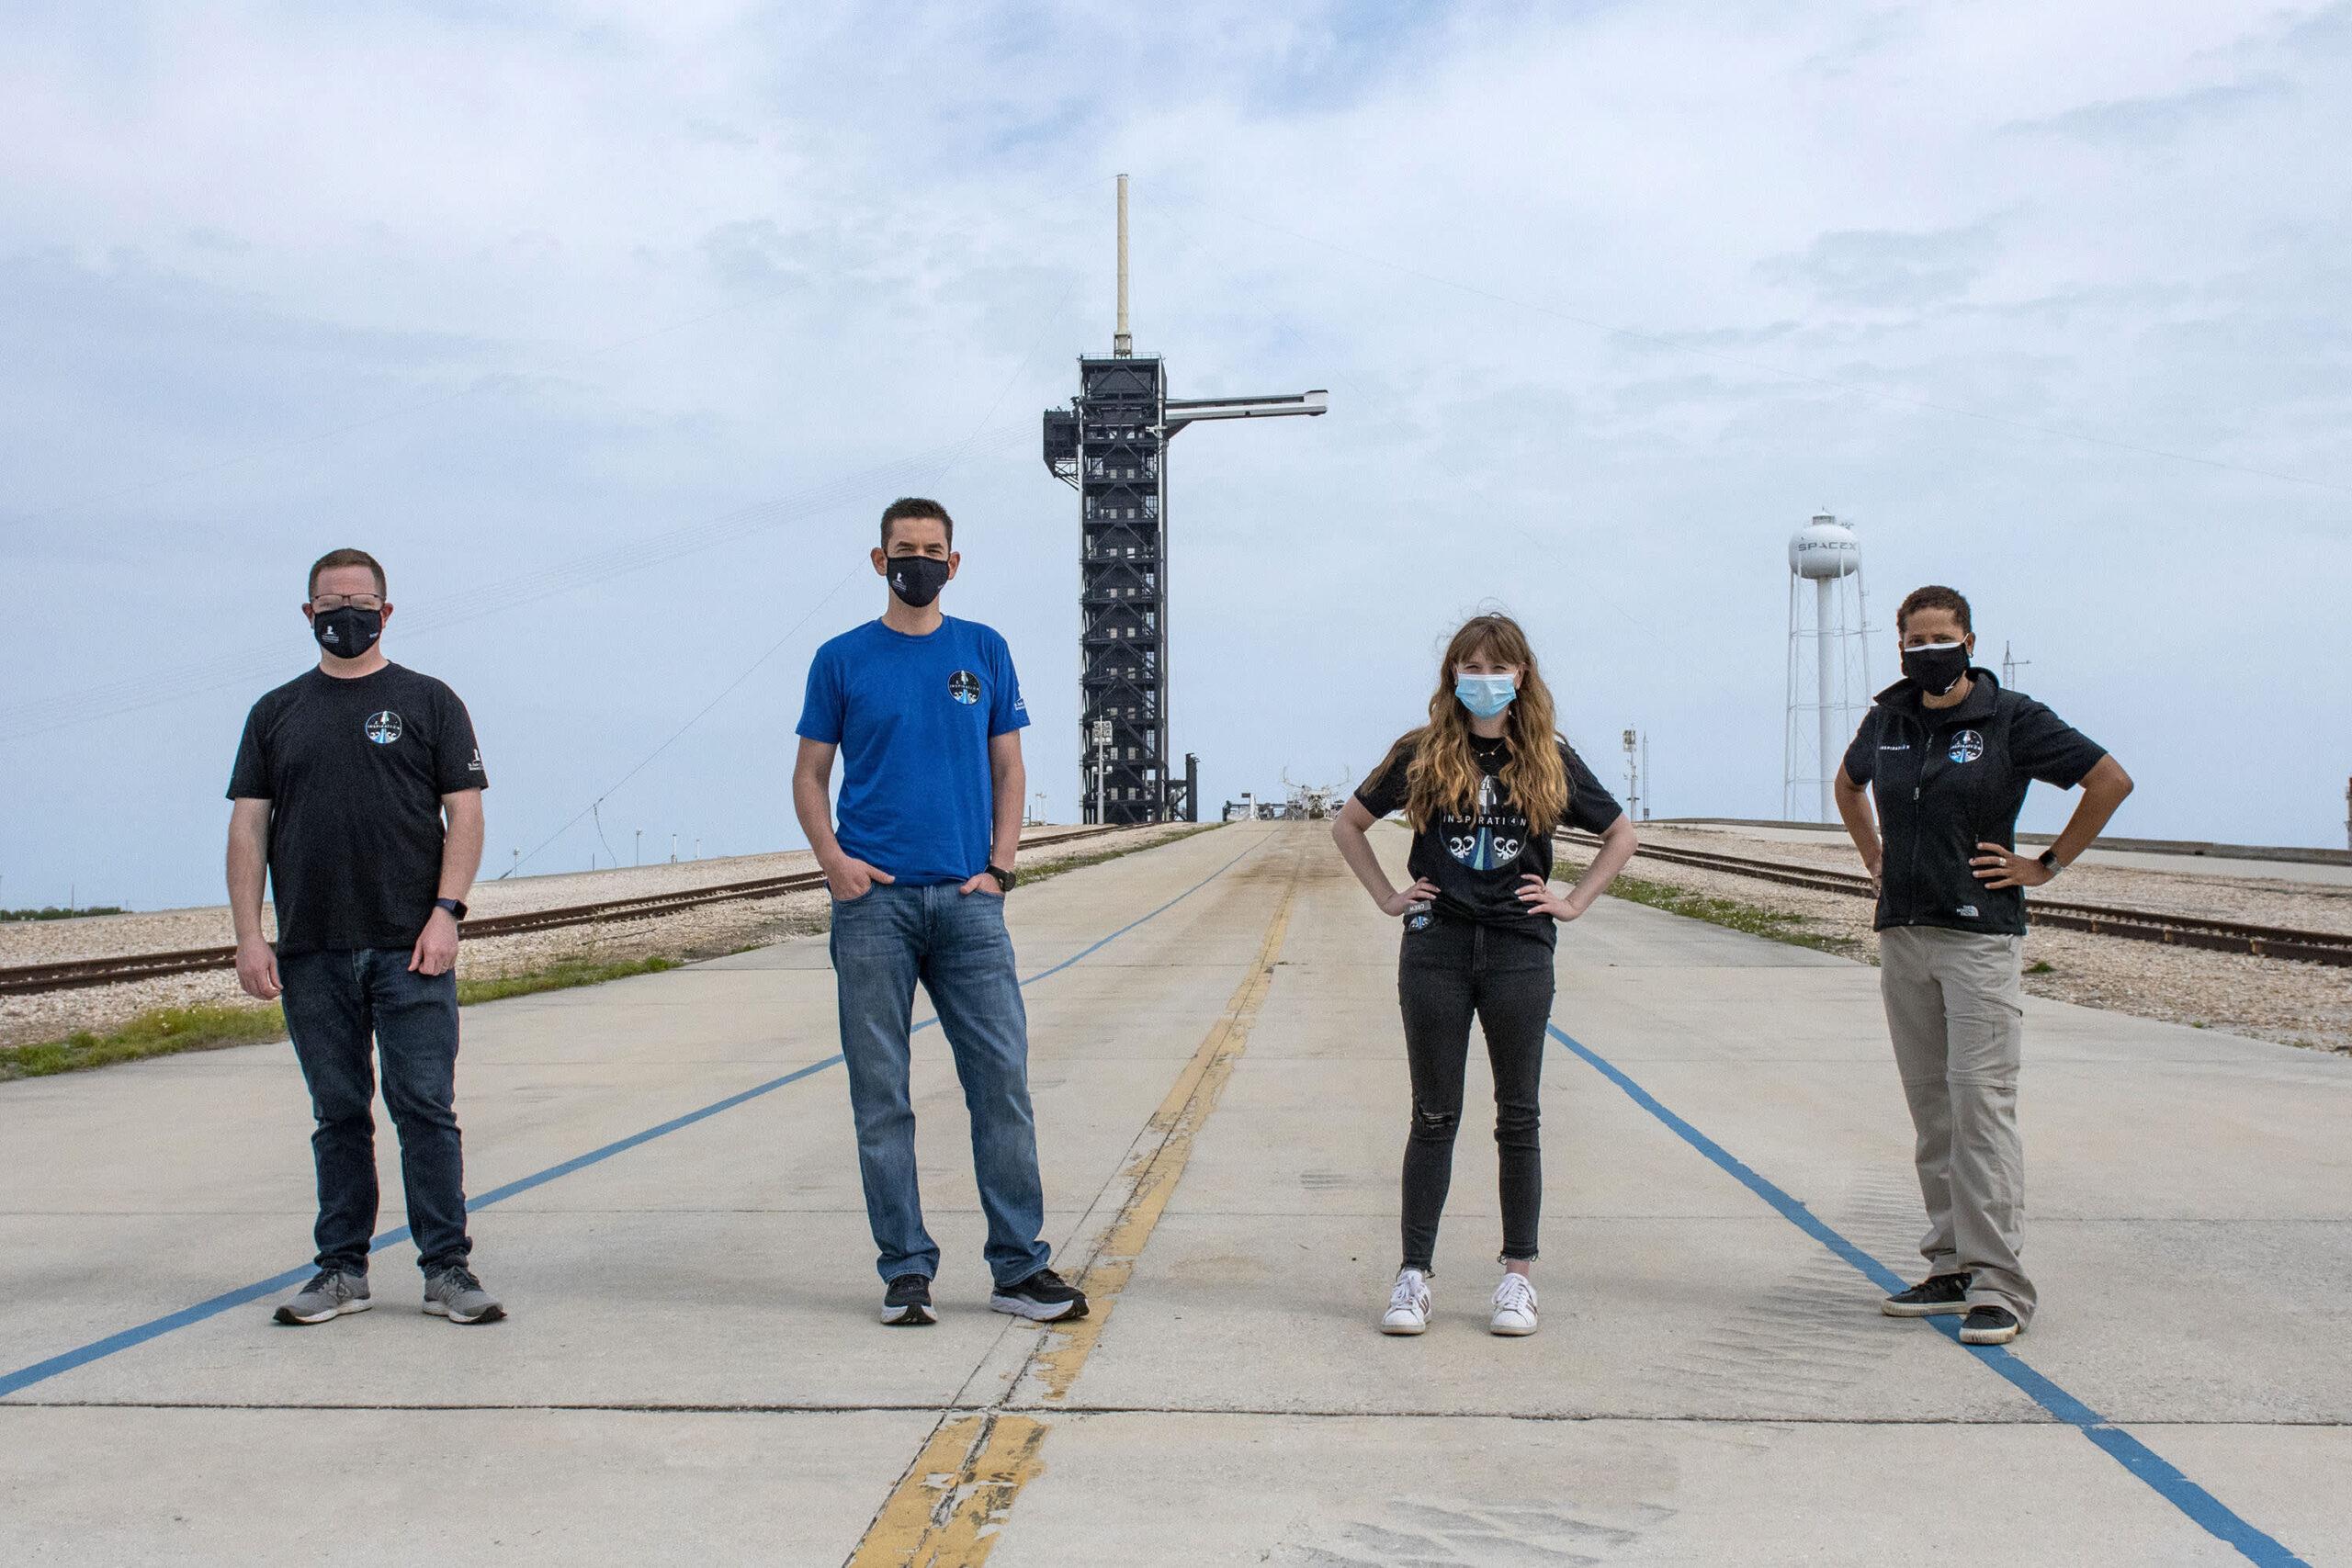 SpaceX собрала полную команду для первого гражданского орбитального полета. Кто они